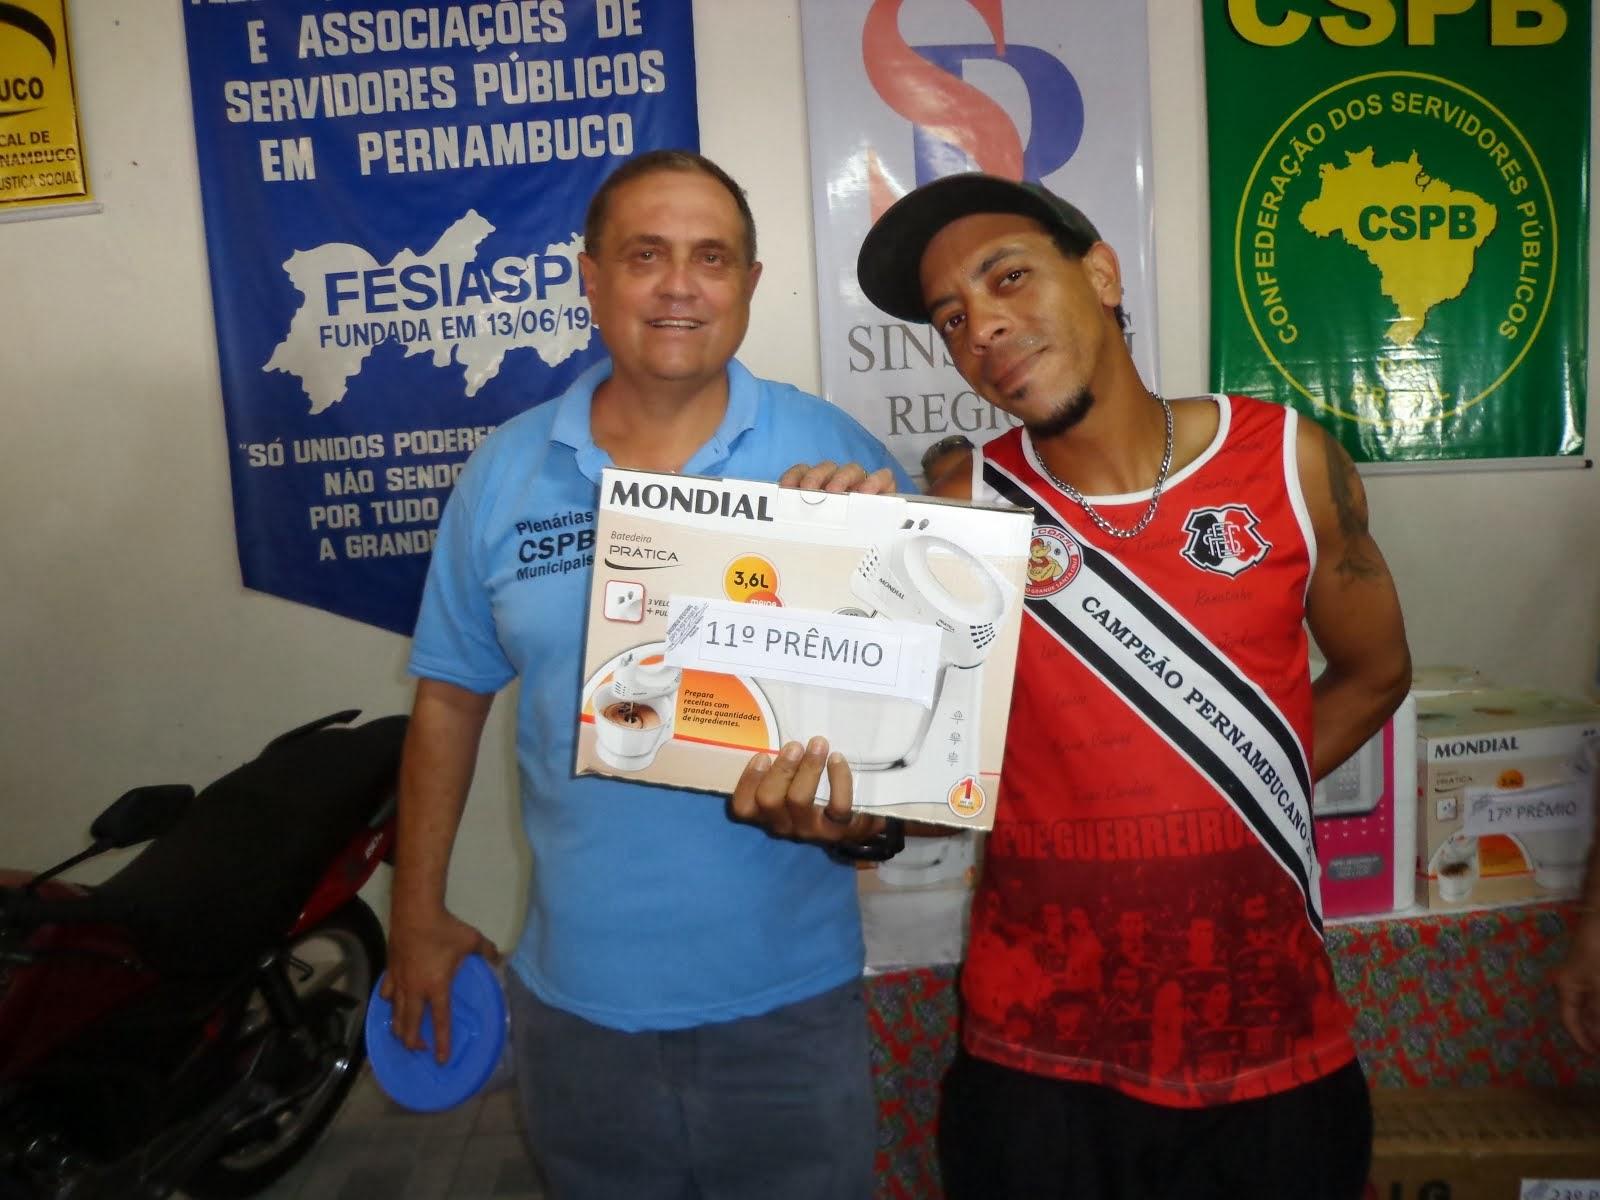 GANHADOR 11º PRÊMIO FESTA DO SERVIDO EM 2013